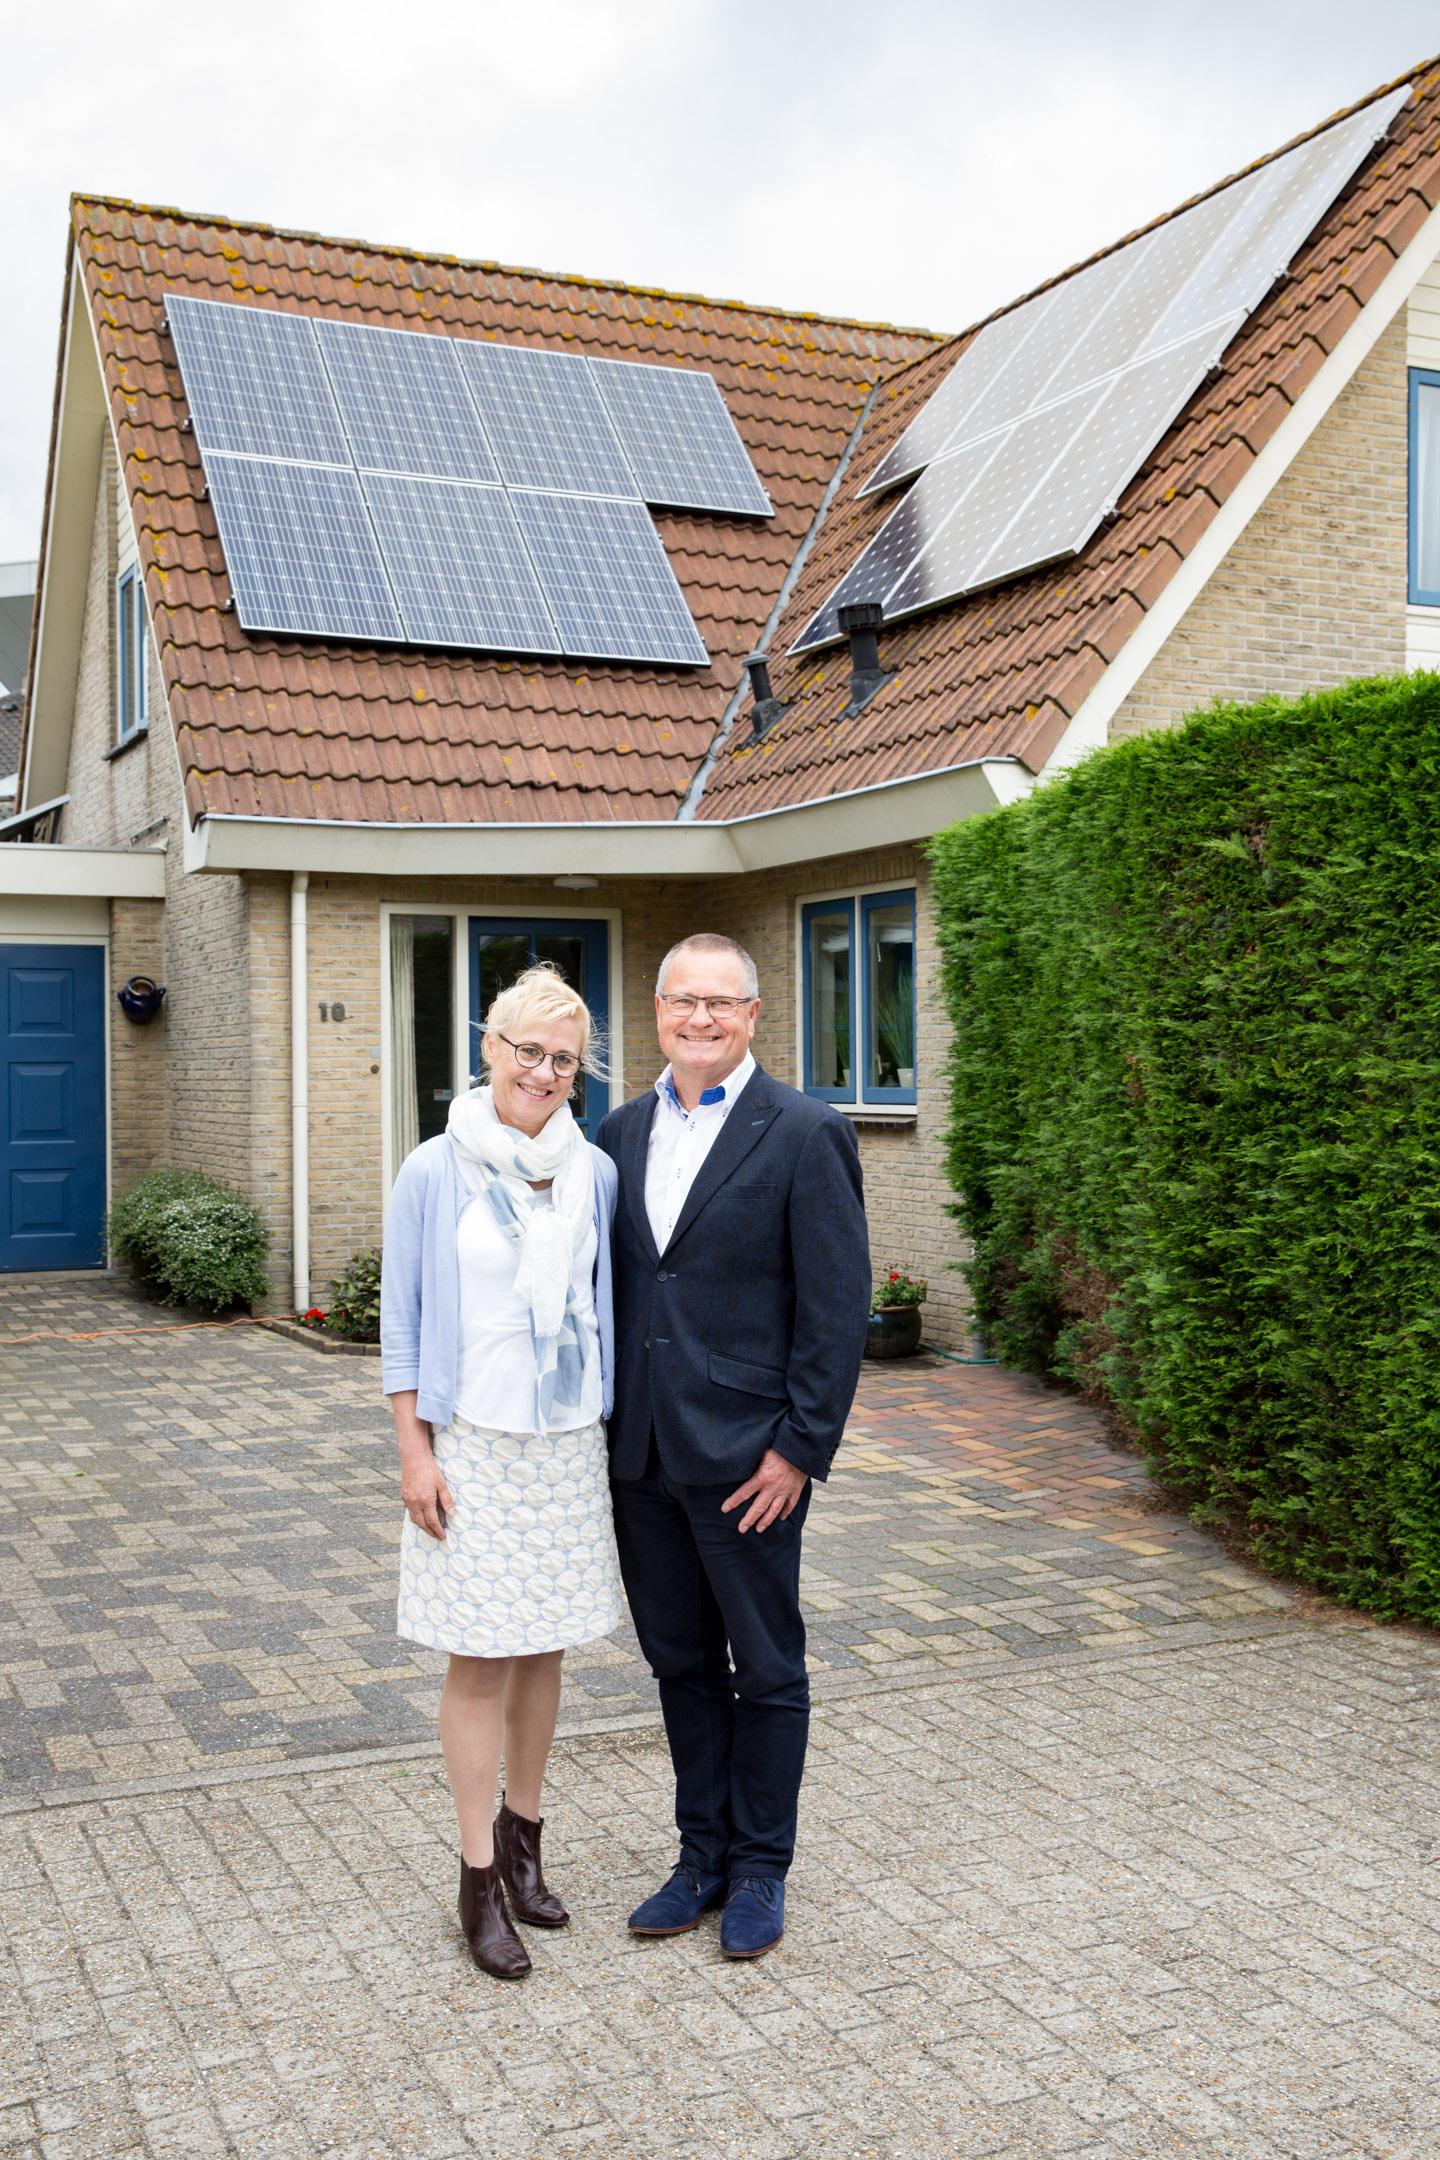 Energieneutraal-huis-woonwijk-wonen-thuisbaas-credit-Chantal-Bekker-GraphicAlert-33-zonnepanelen-dak